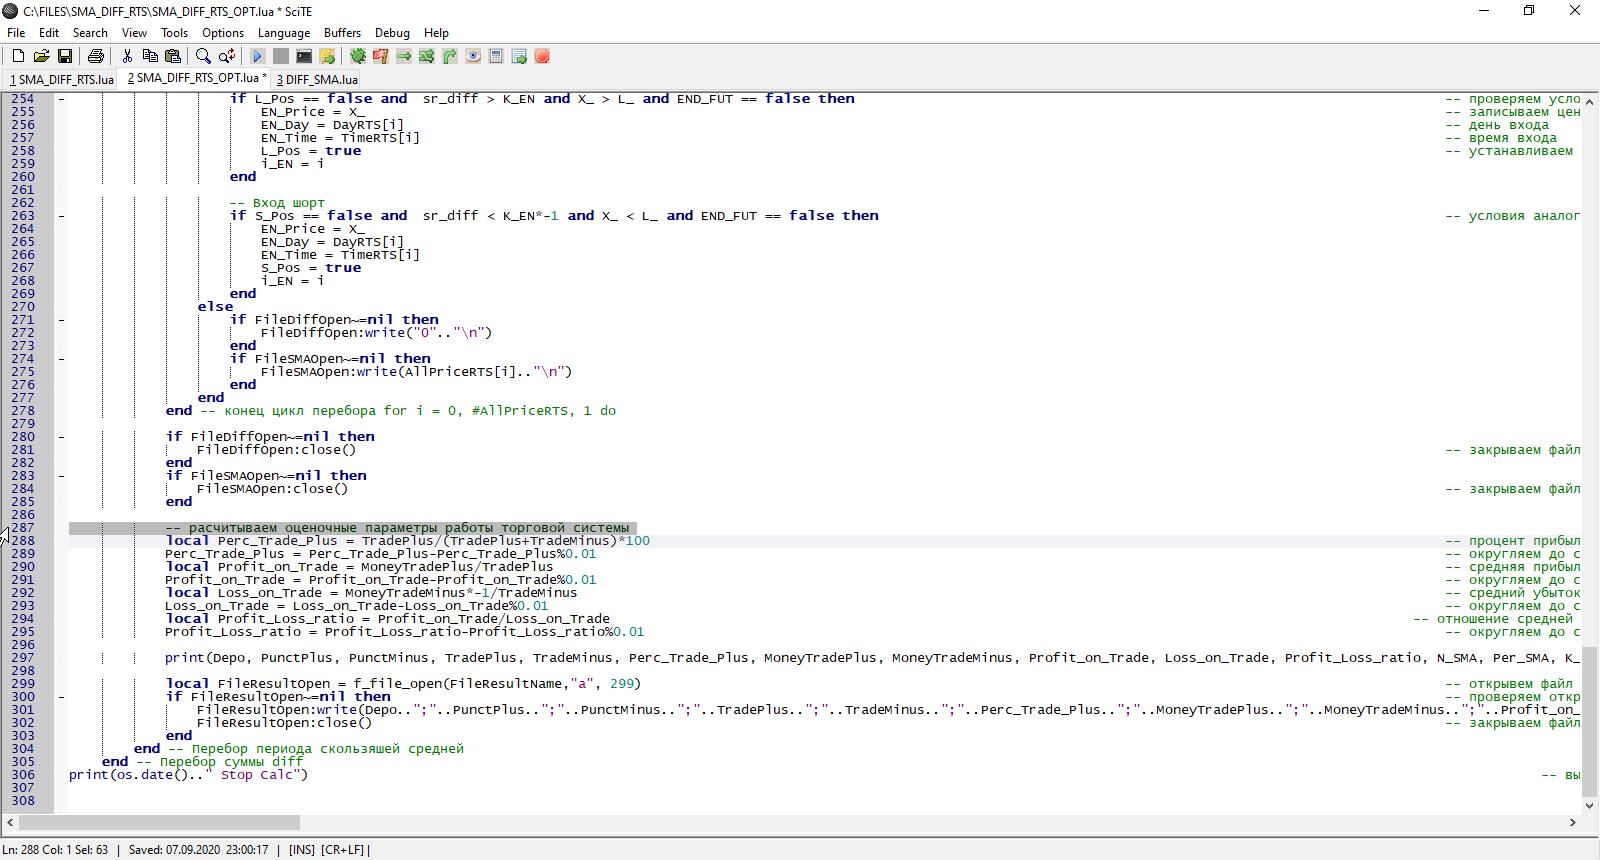 QUIK LUA оценочные параметры торгового робота на фьючерс РТС